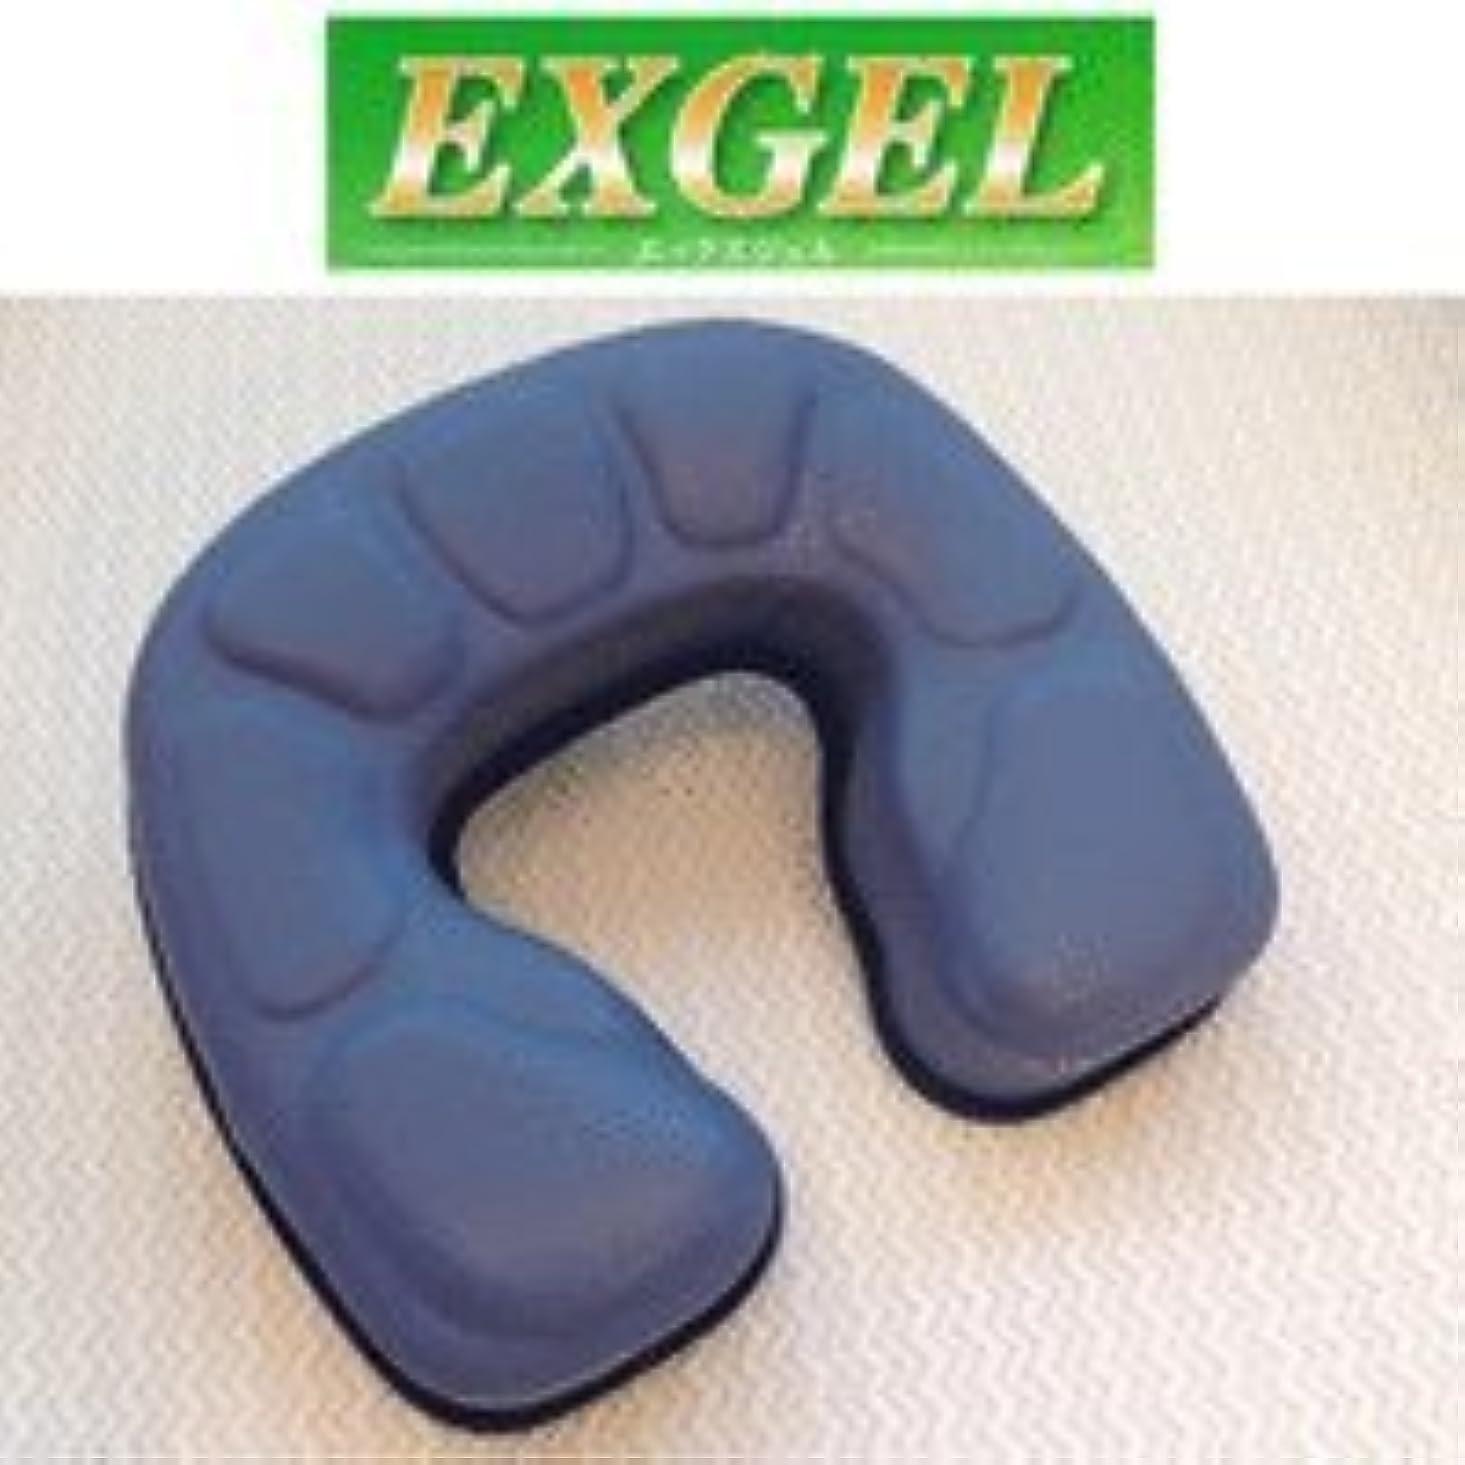 バングラデシュ欠席乱すEXGEL(エックスジェル) EXフェイスマット 25×26×6cm (カナケン治療?施術用枕) うつぶせ寝まくら KT-297